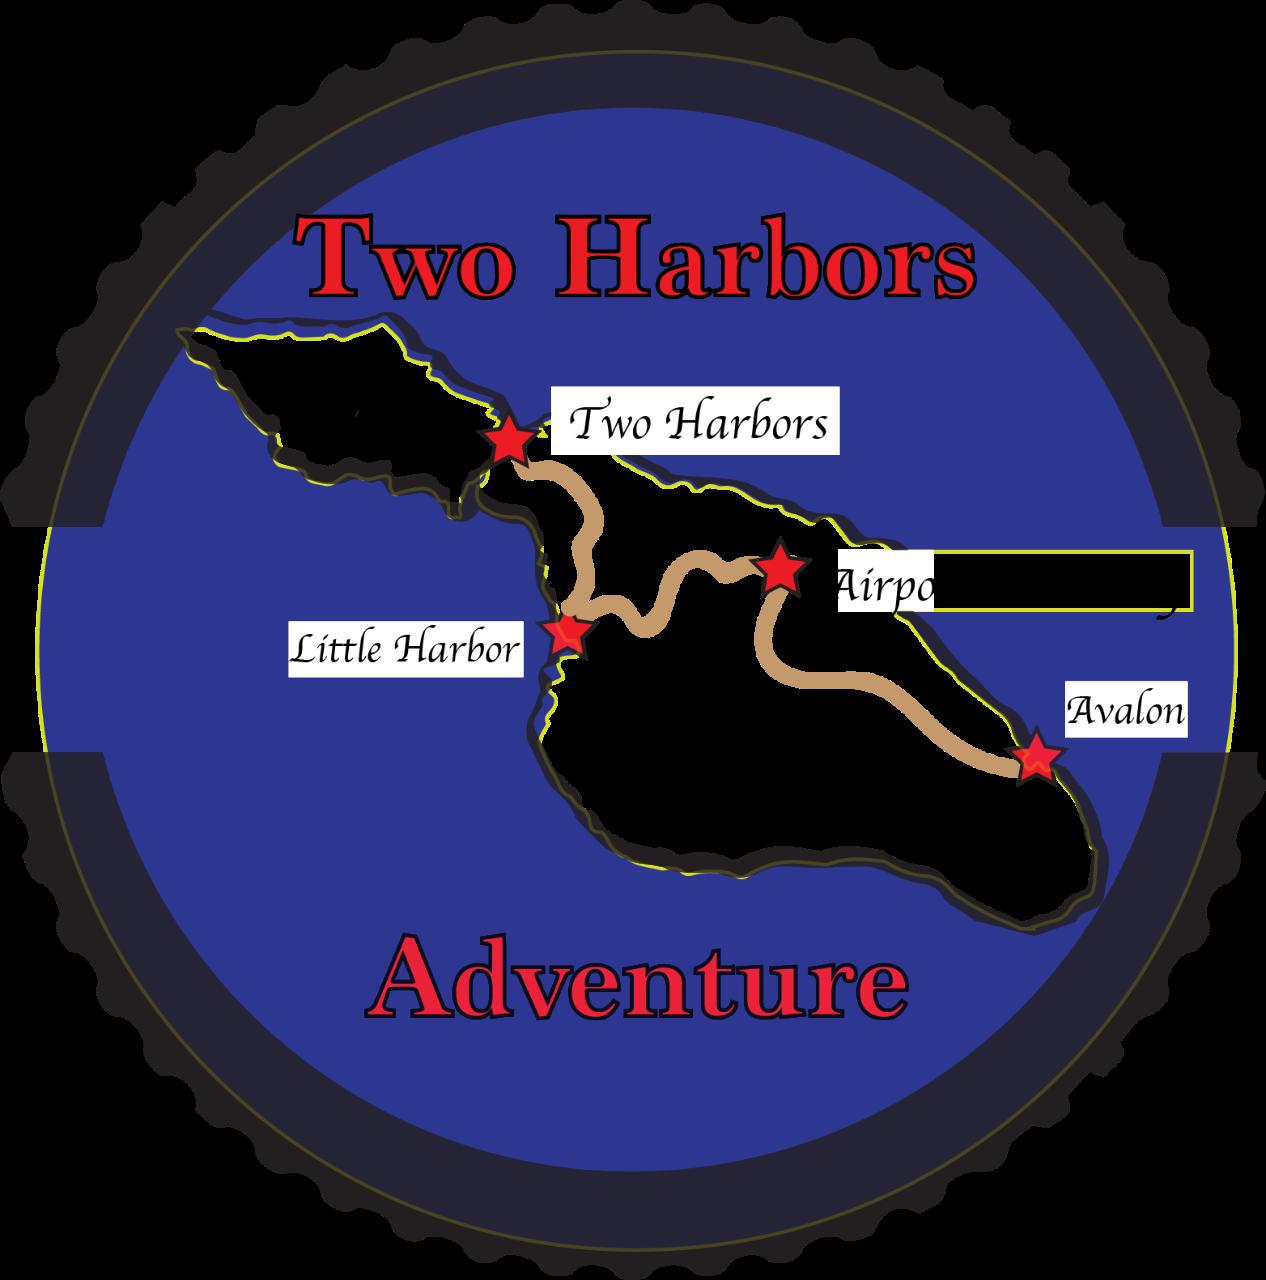 Two Harbors Mountain Bike Adventure